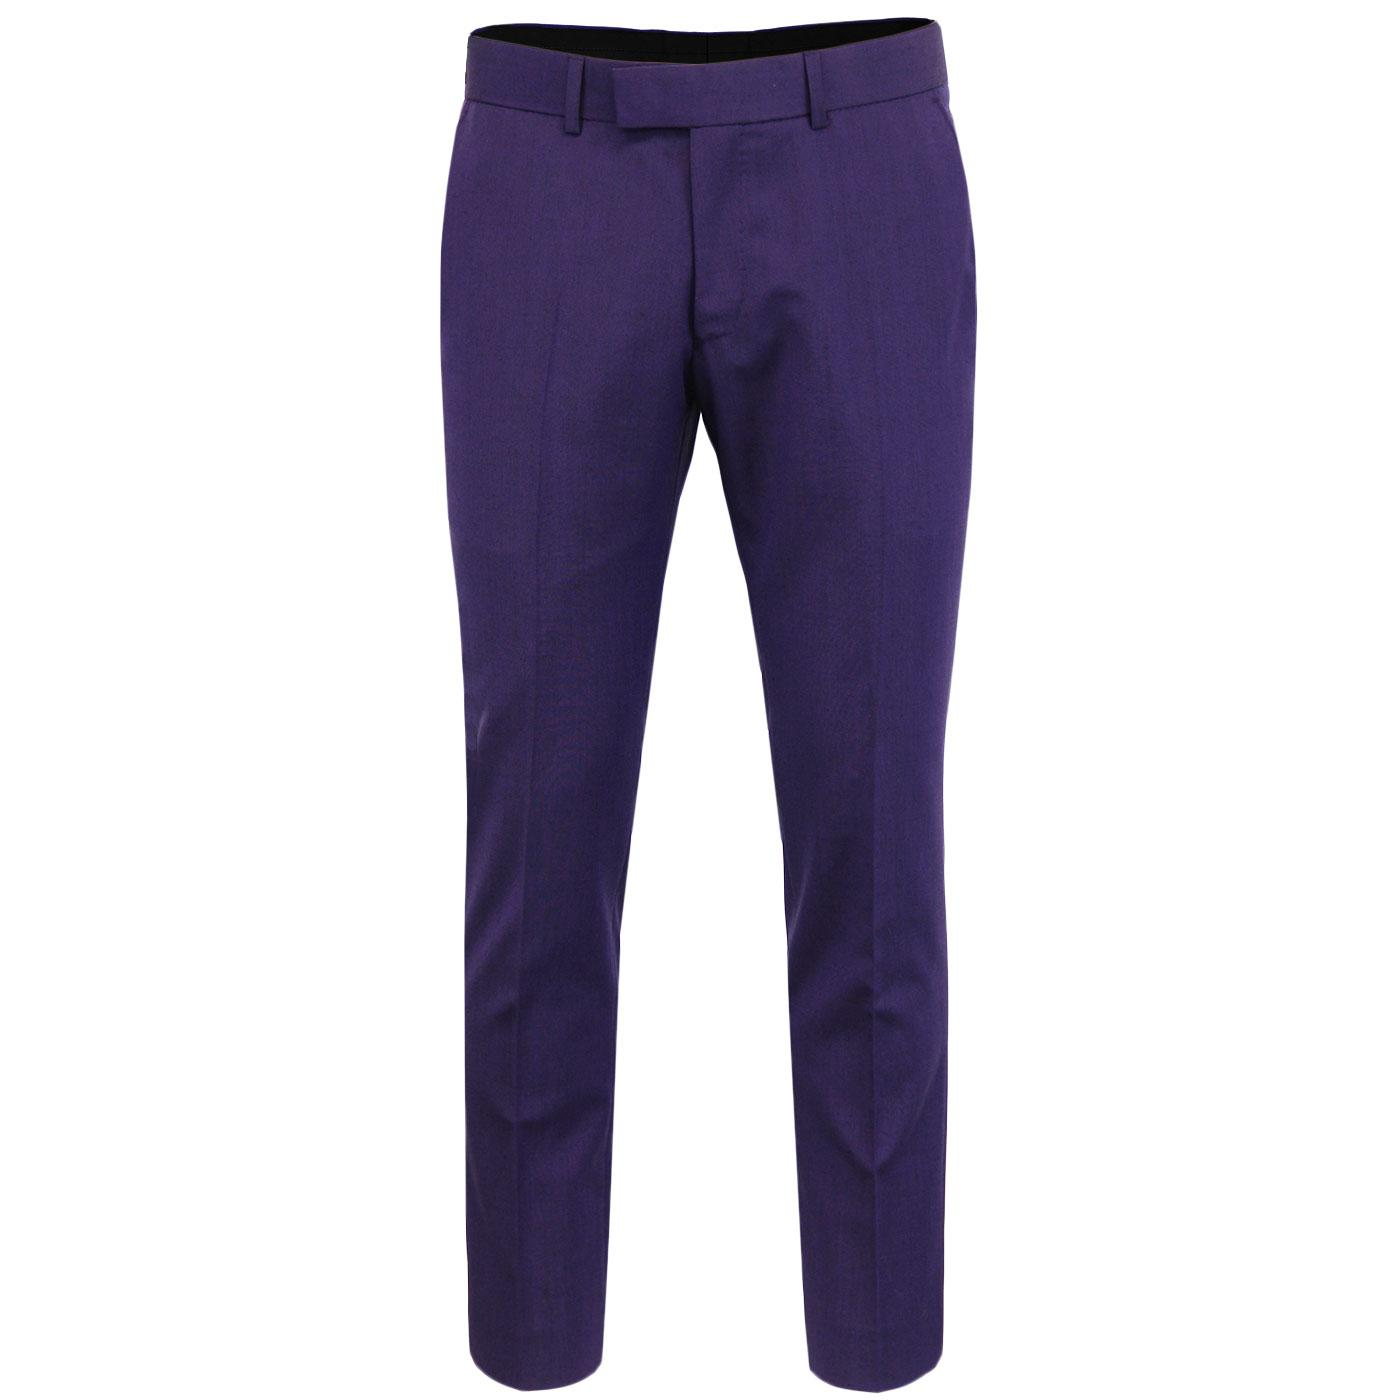 MADCAP ENGLAND Mod Mohair Tonic Suit Trousers (P)